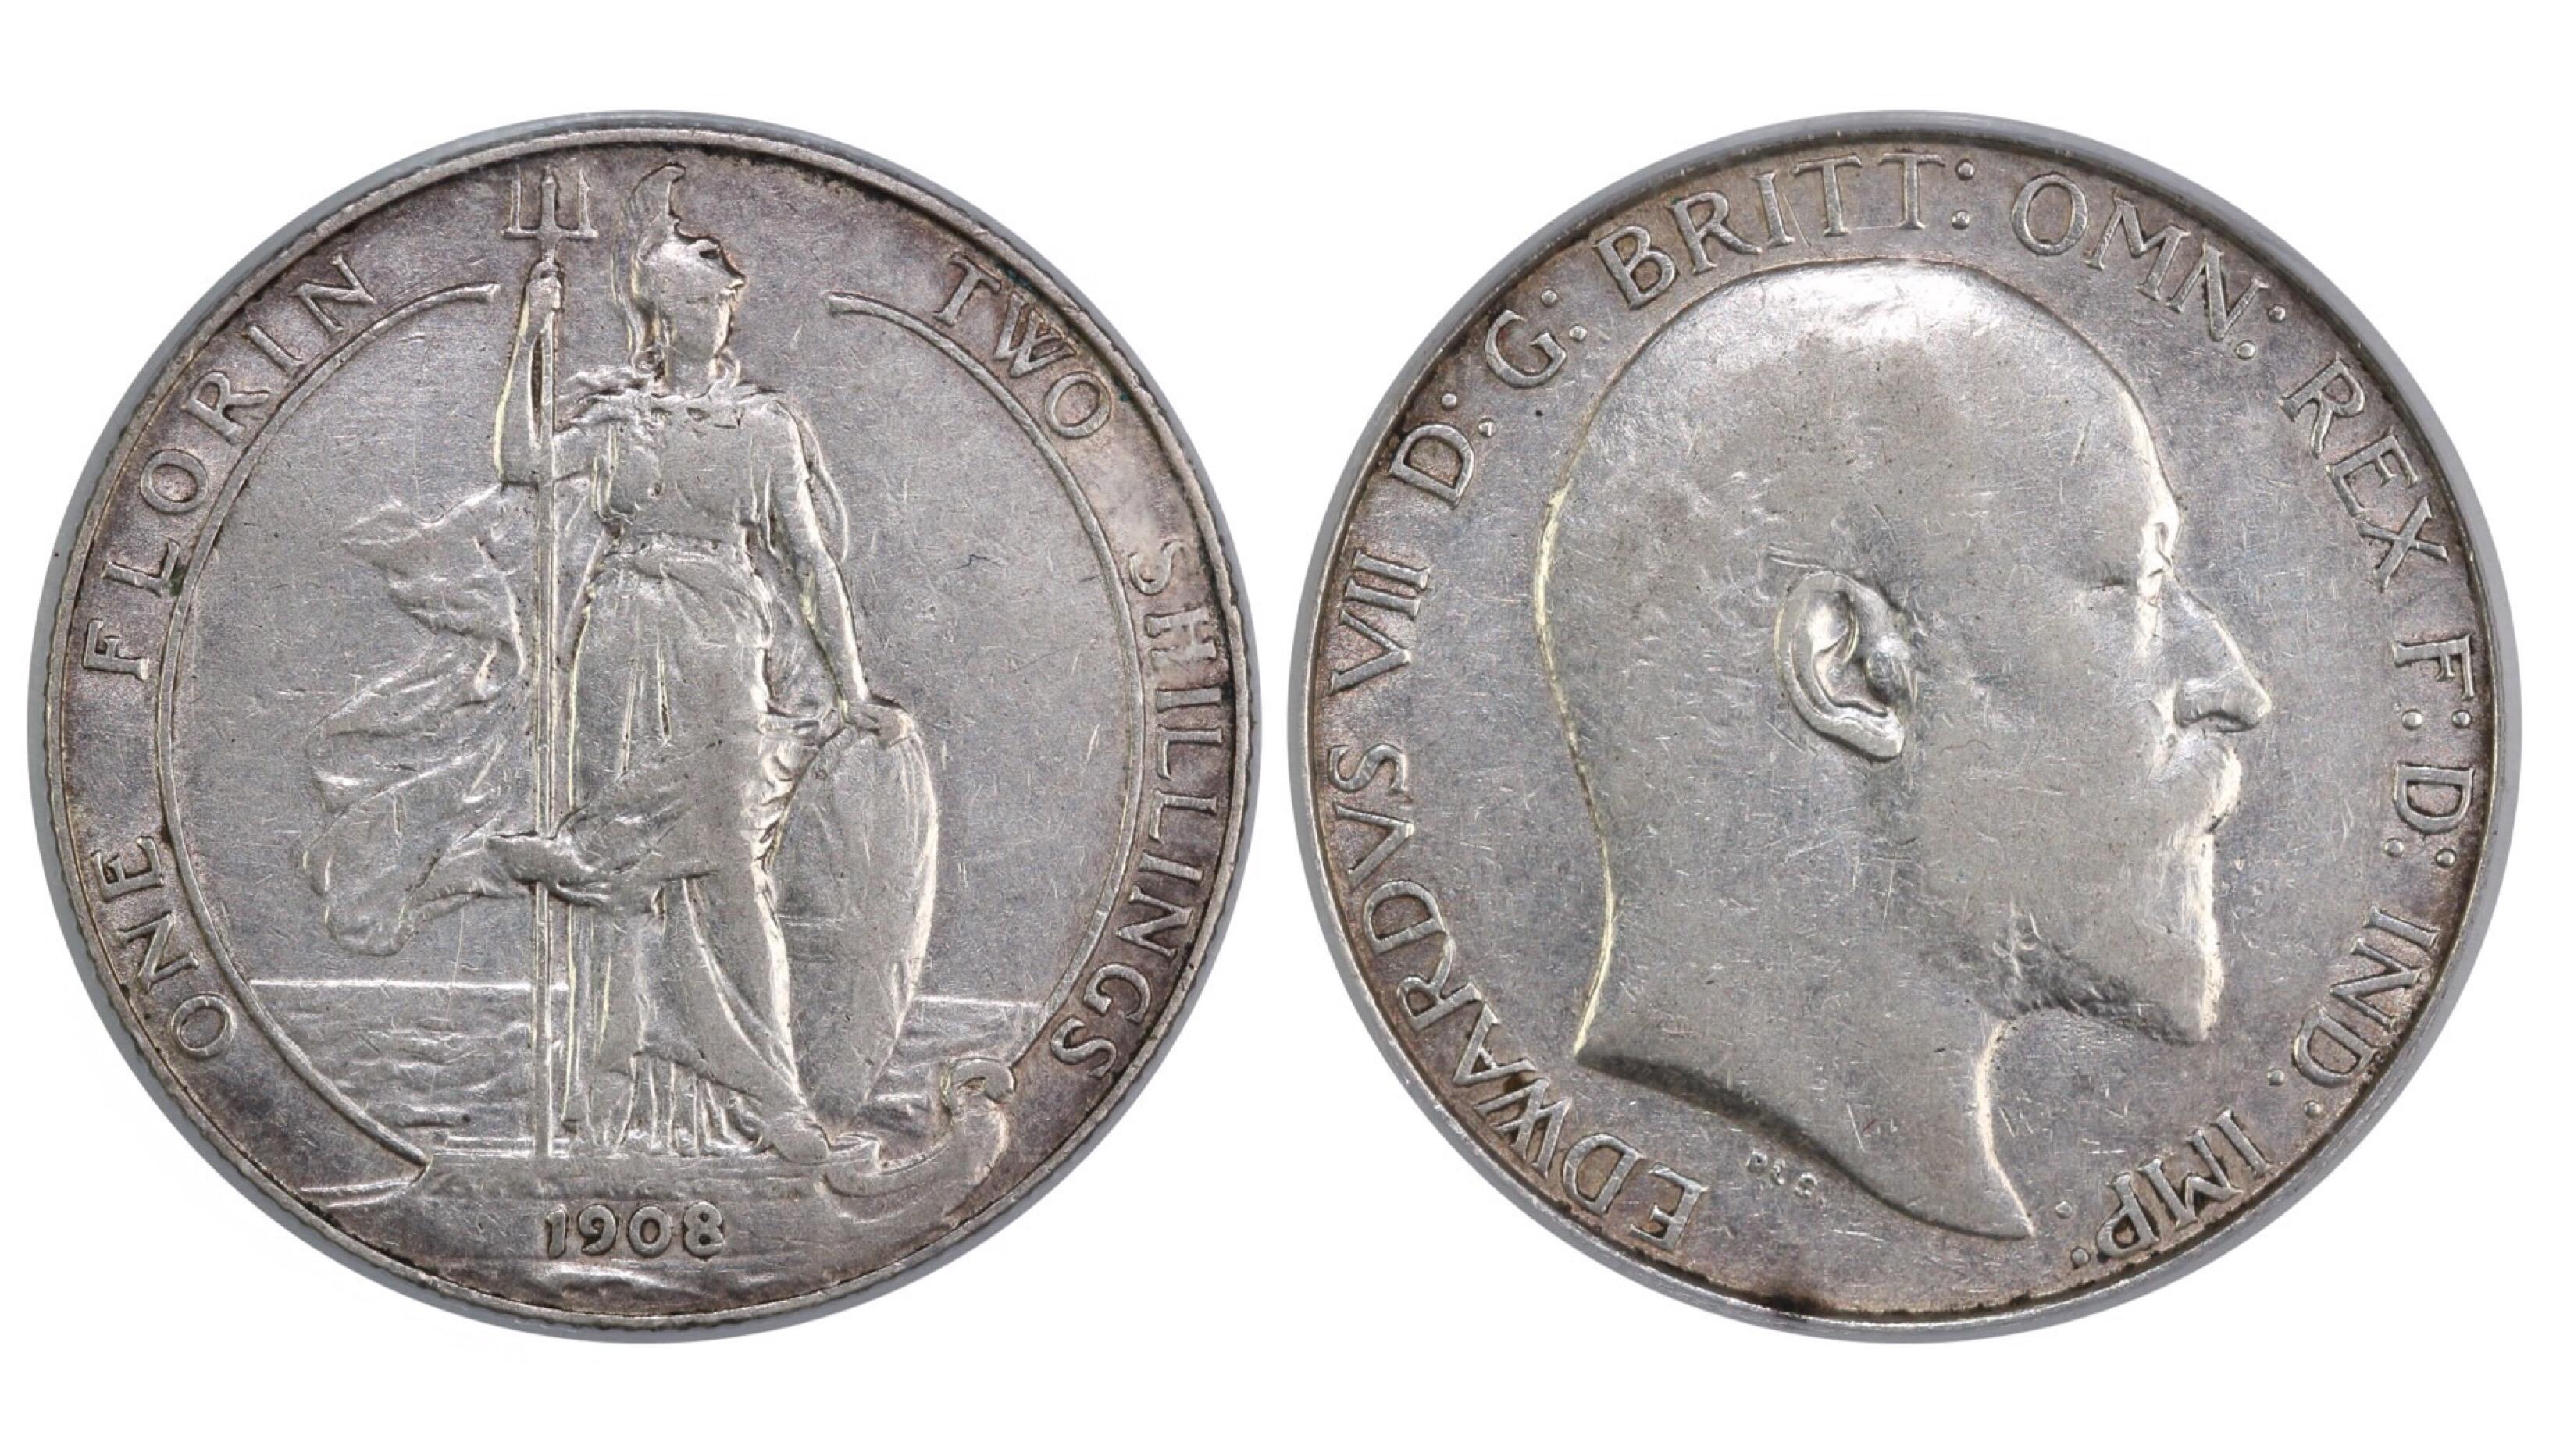 1908 Florin, CGS 35, Edward VII, ESC 926, UIN 9685